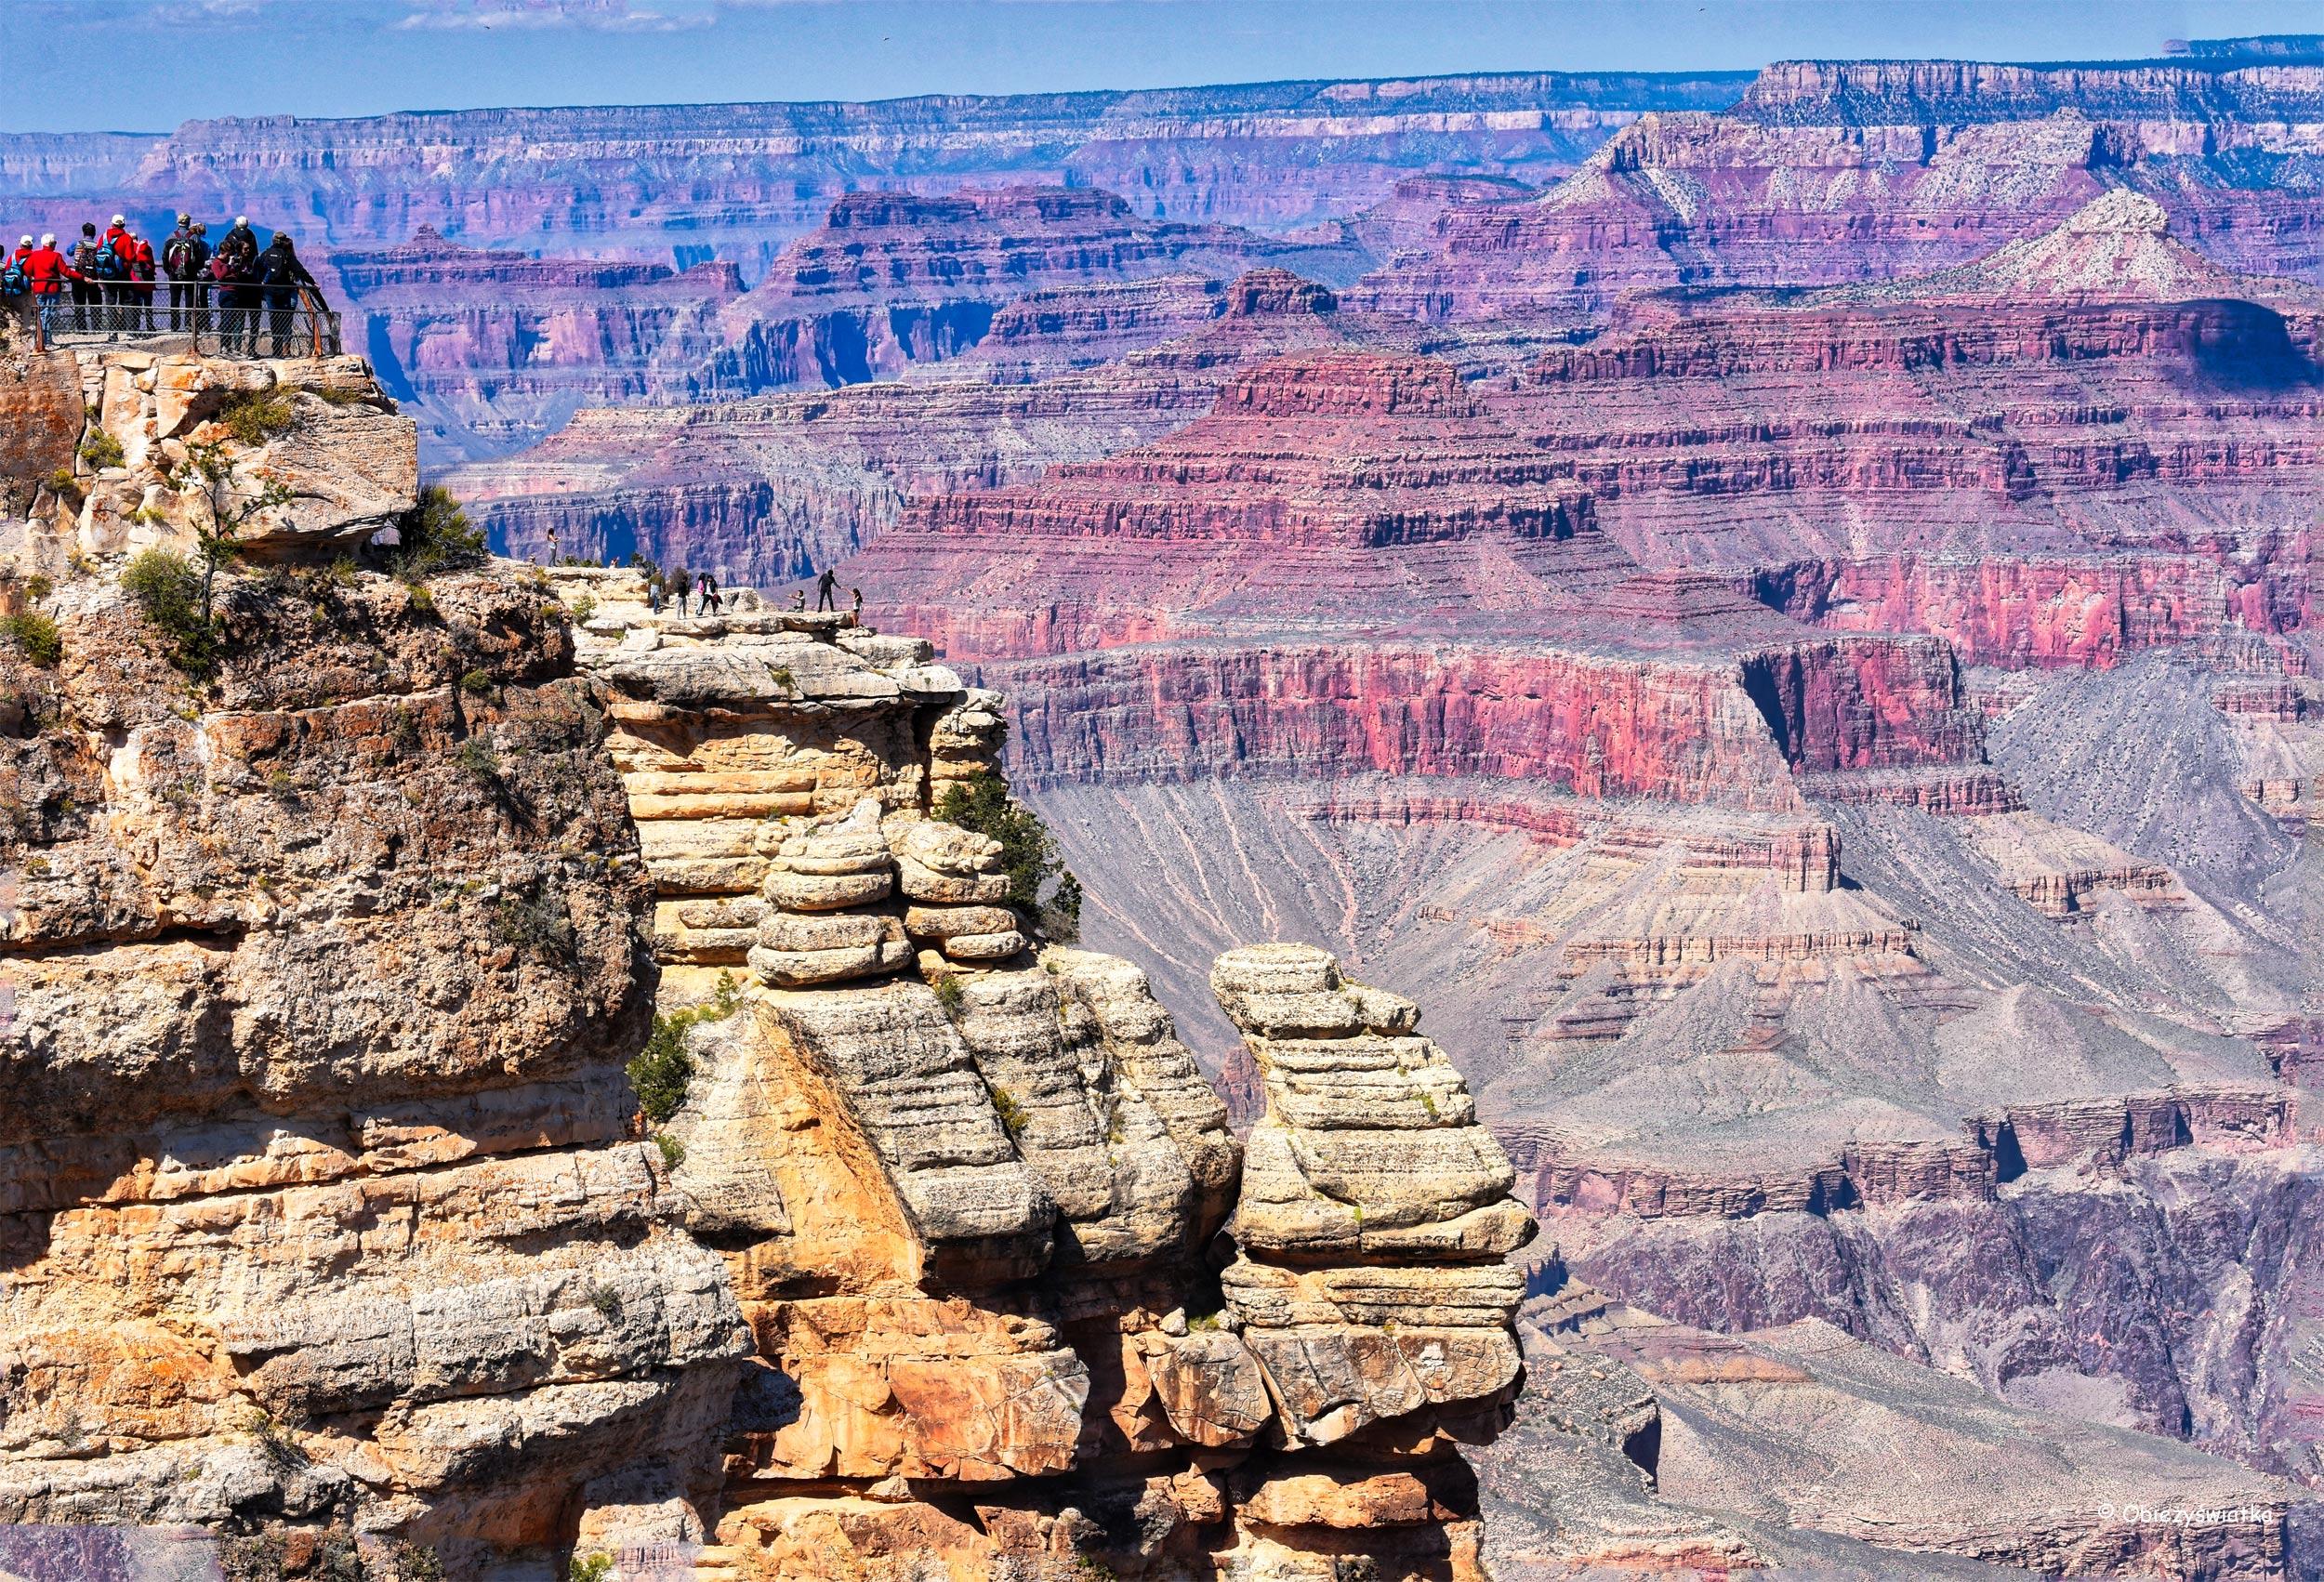 Fotogeniczne skały - Grand Canyon National Park, Arizona, USA